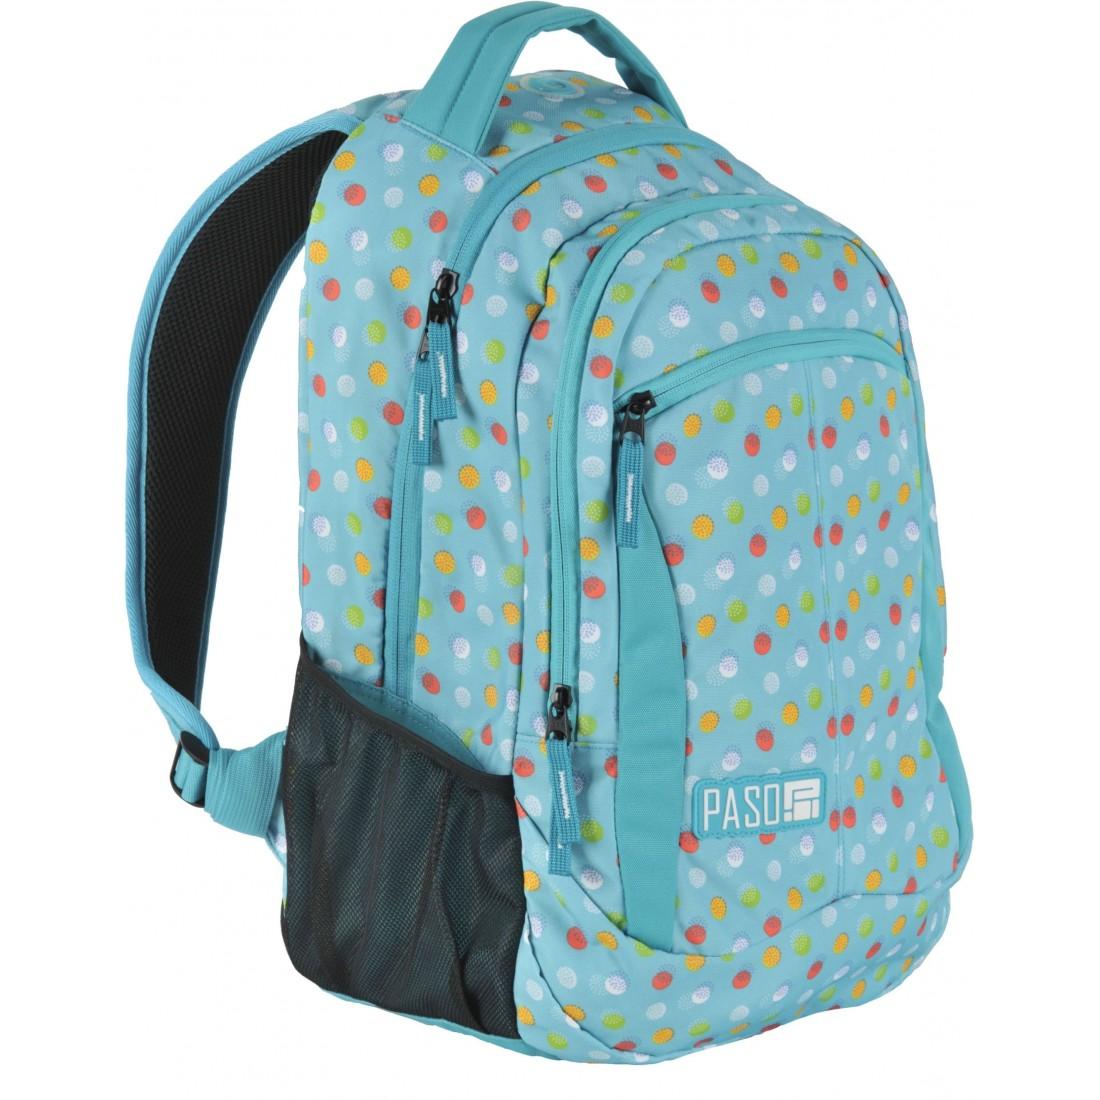 c66ae2339b2c8 Plecak młodzieżowy do szkoły Paso Unique Mint Spot dla dziewczyny ...